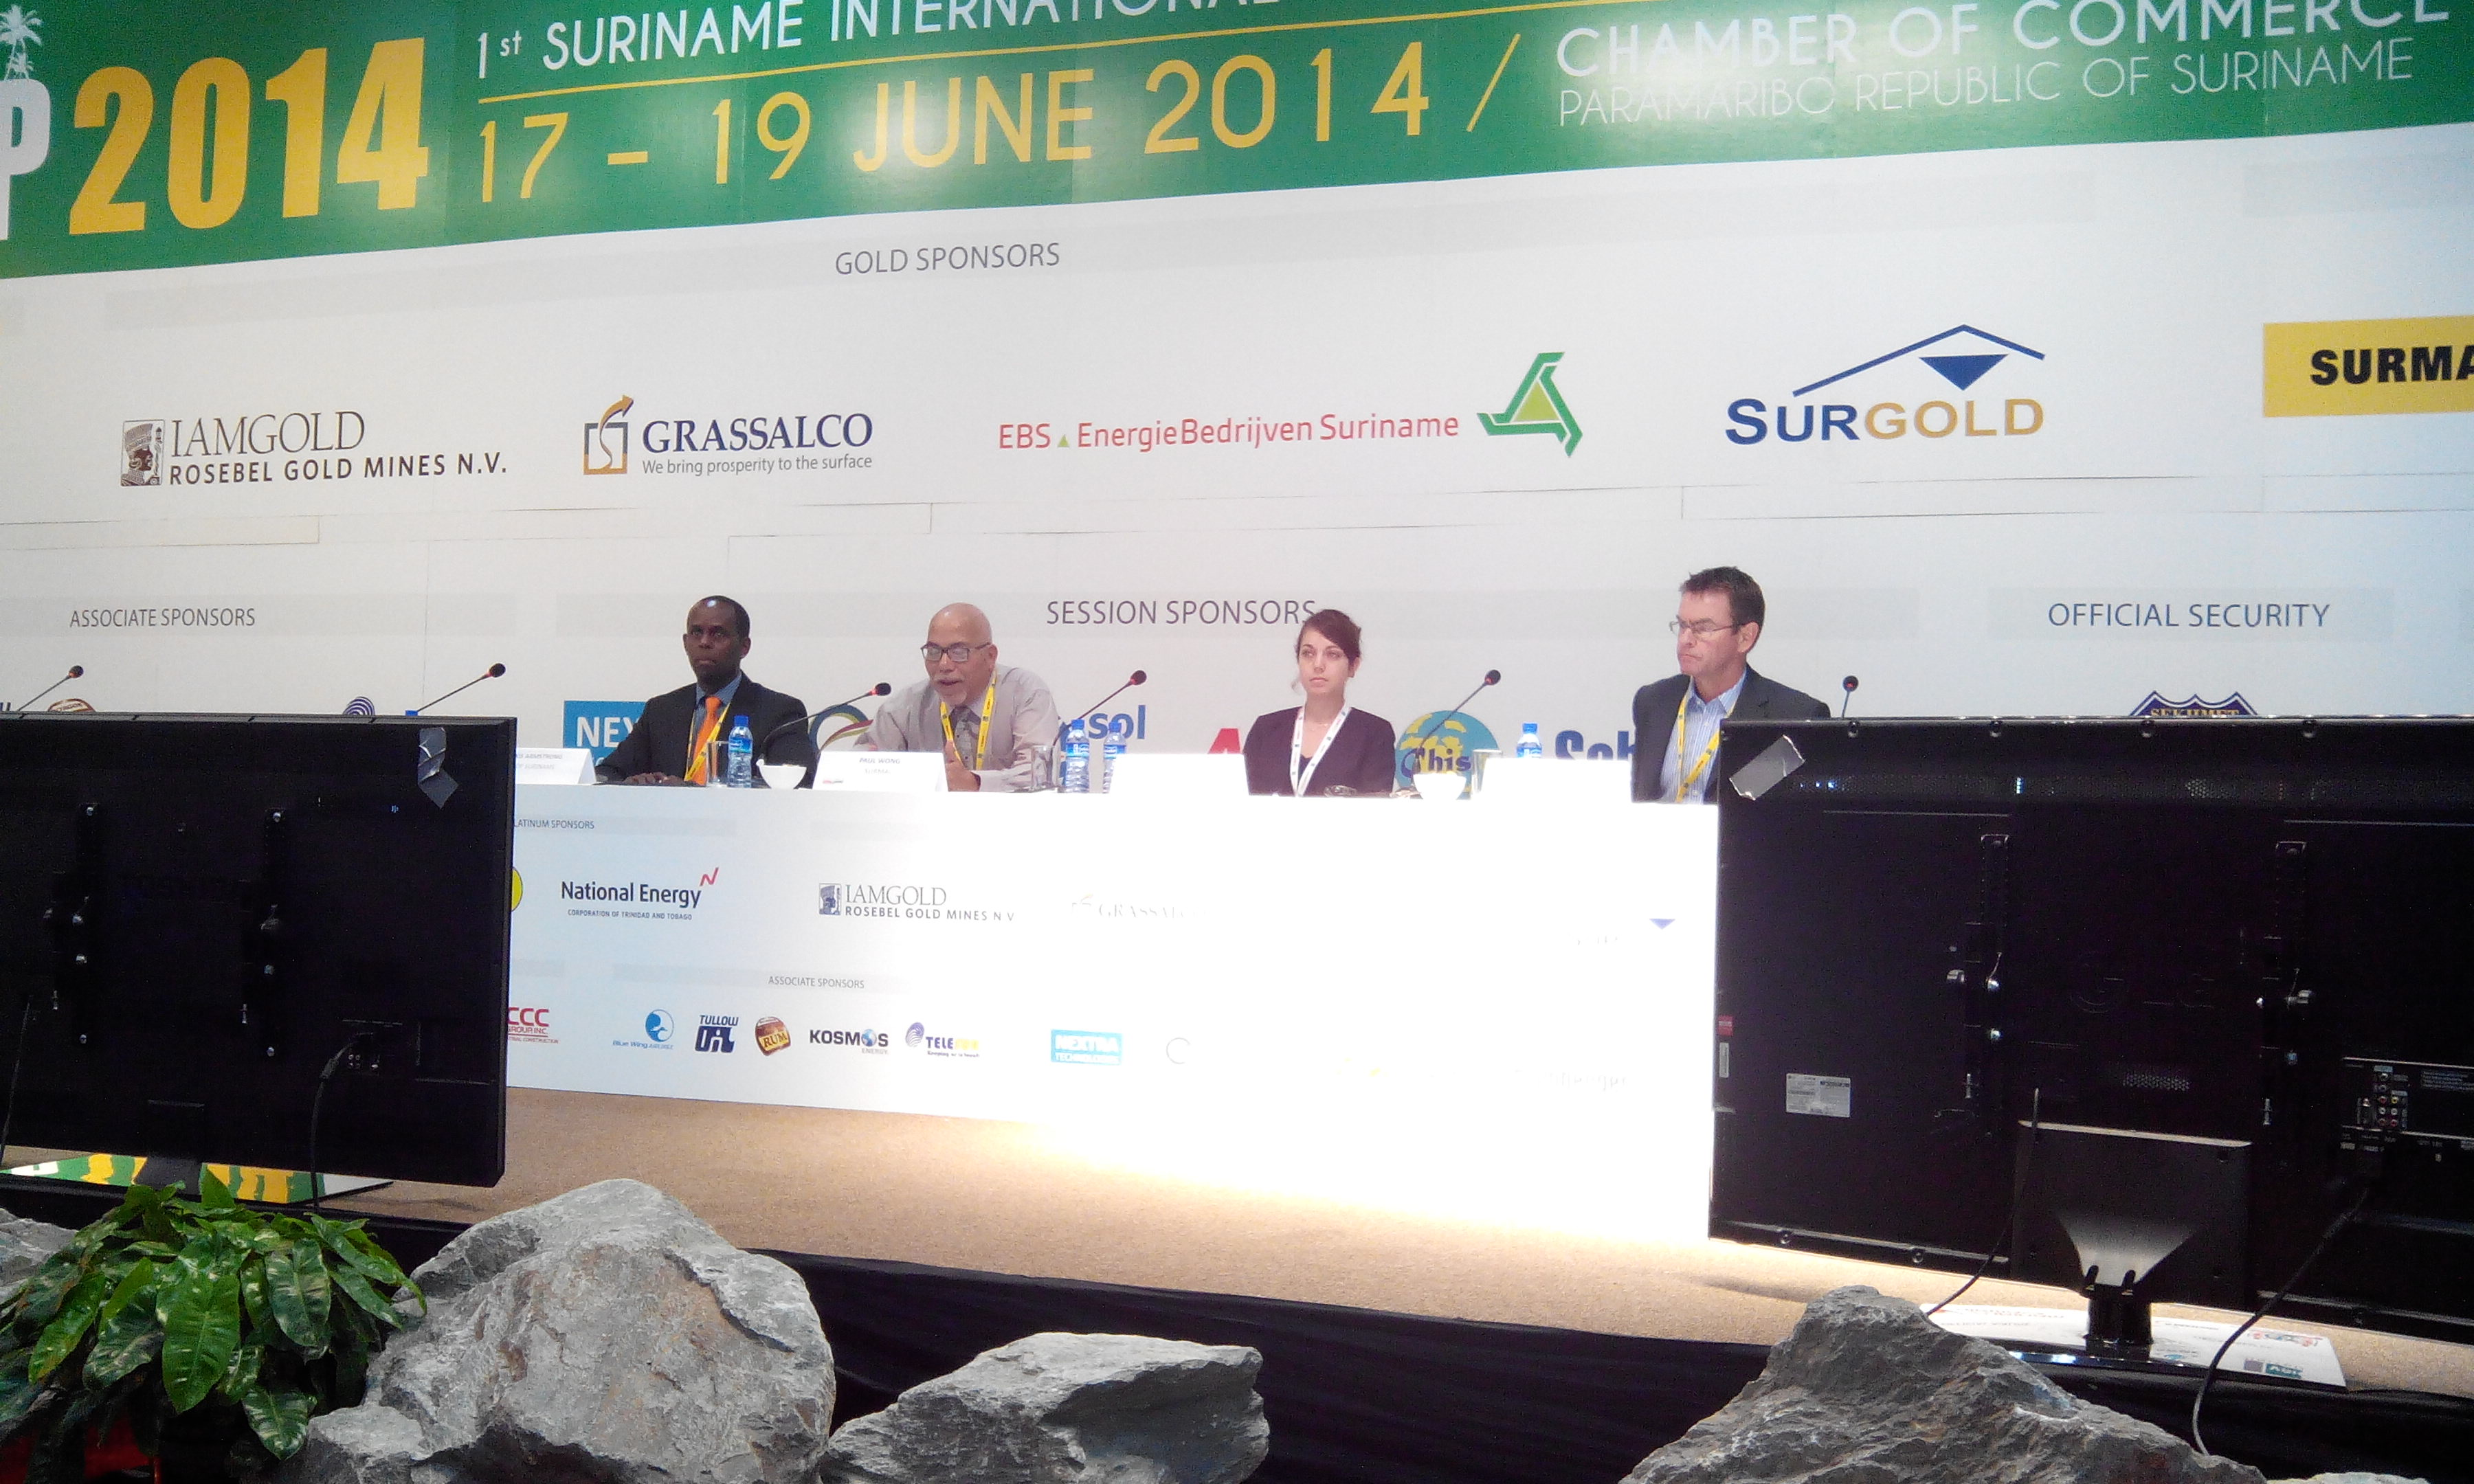 Session 8, roundtable. De gauche à droite : A.ARMSTRONG (député de l'UNDP), M.WRONG (modérateur), G.PAUL (Ingénieure Solicaz) et M.WRIGHT (directeur WWF Guyana)